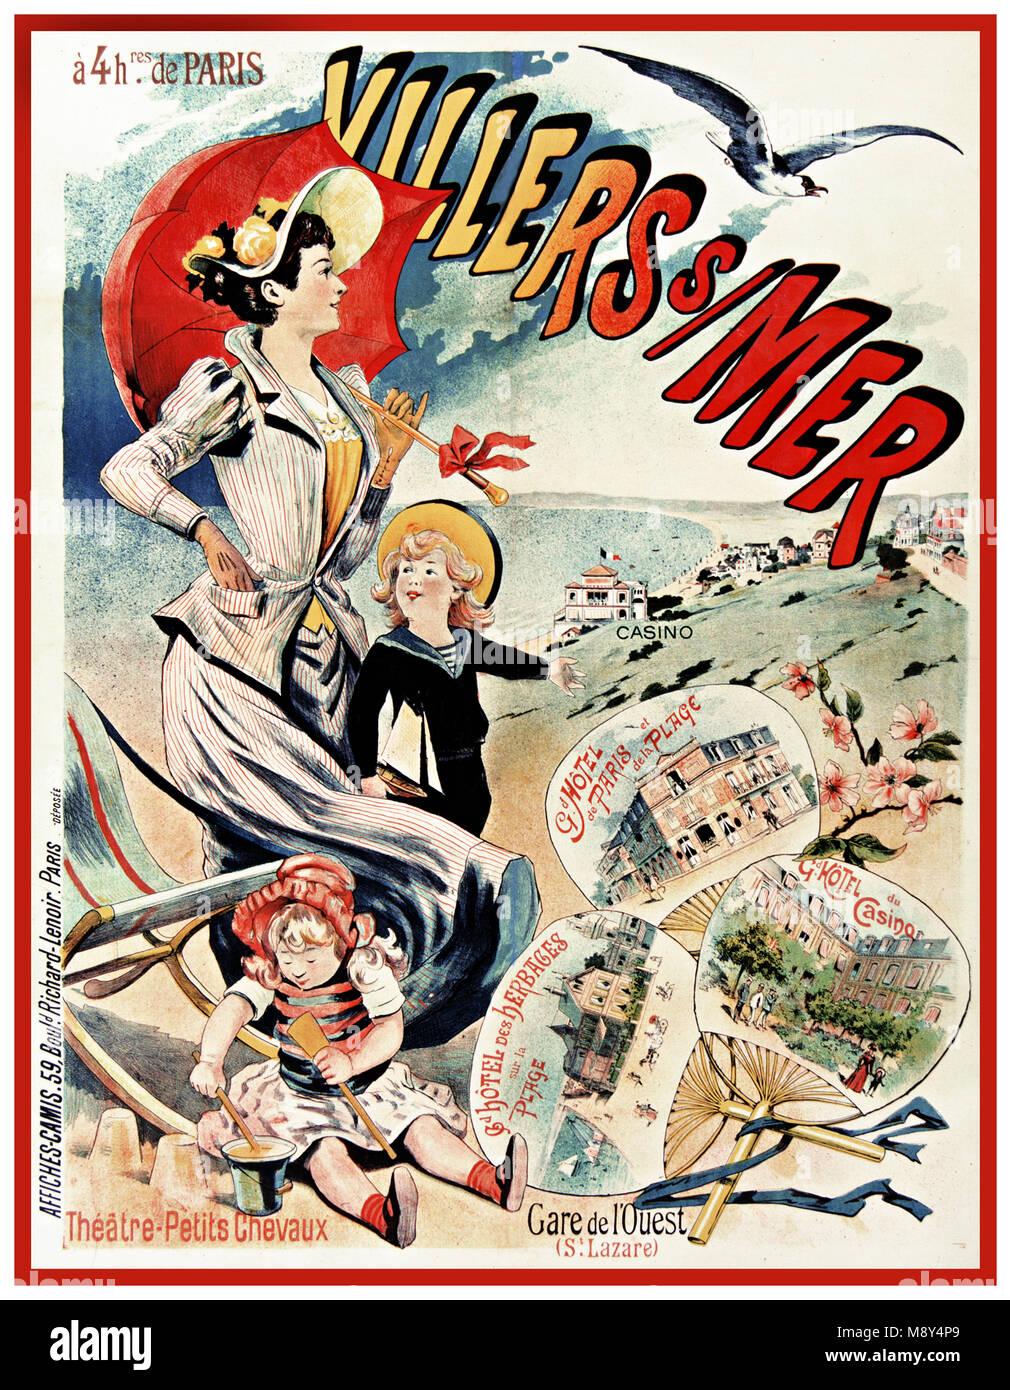 Affiche Ancienne Pour Salle De Bain affiche vintage de voyage français photos & affiche vintage